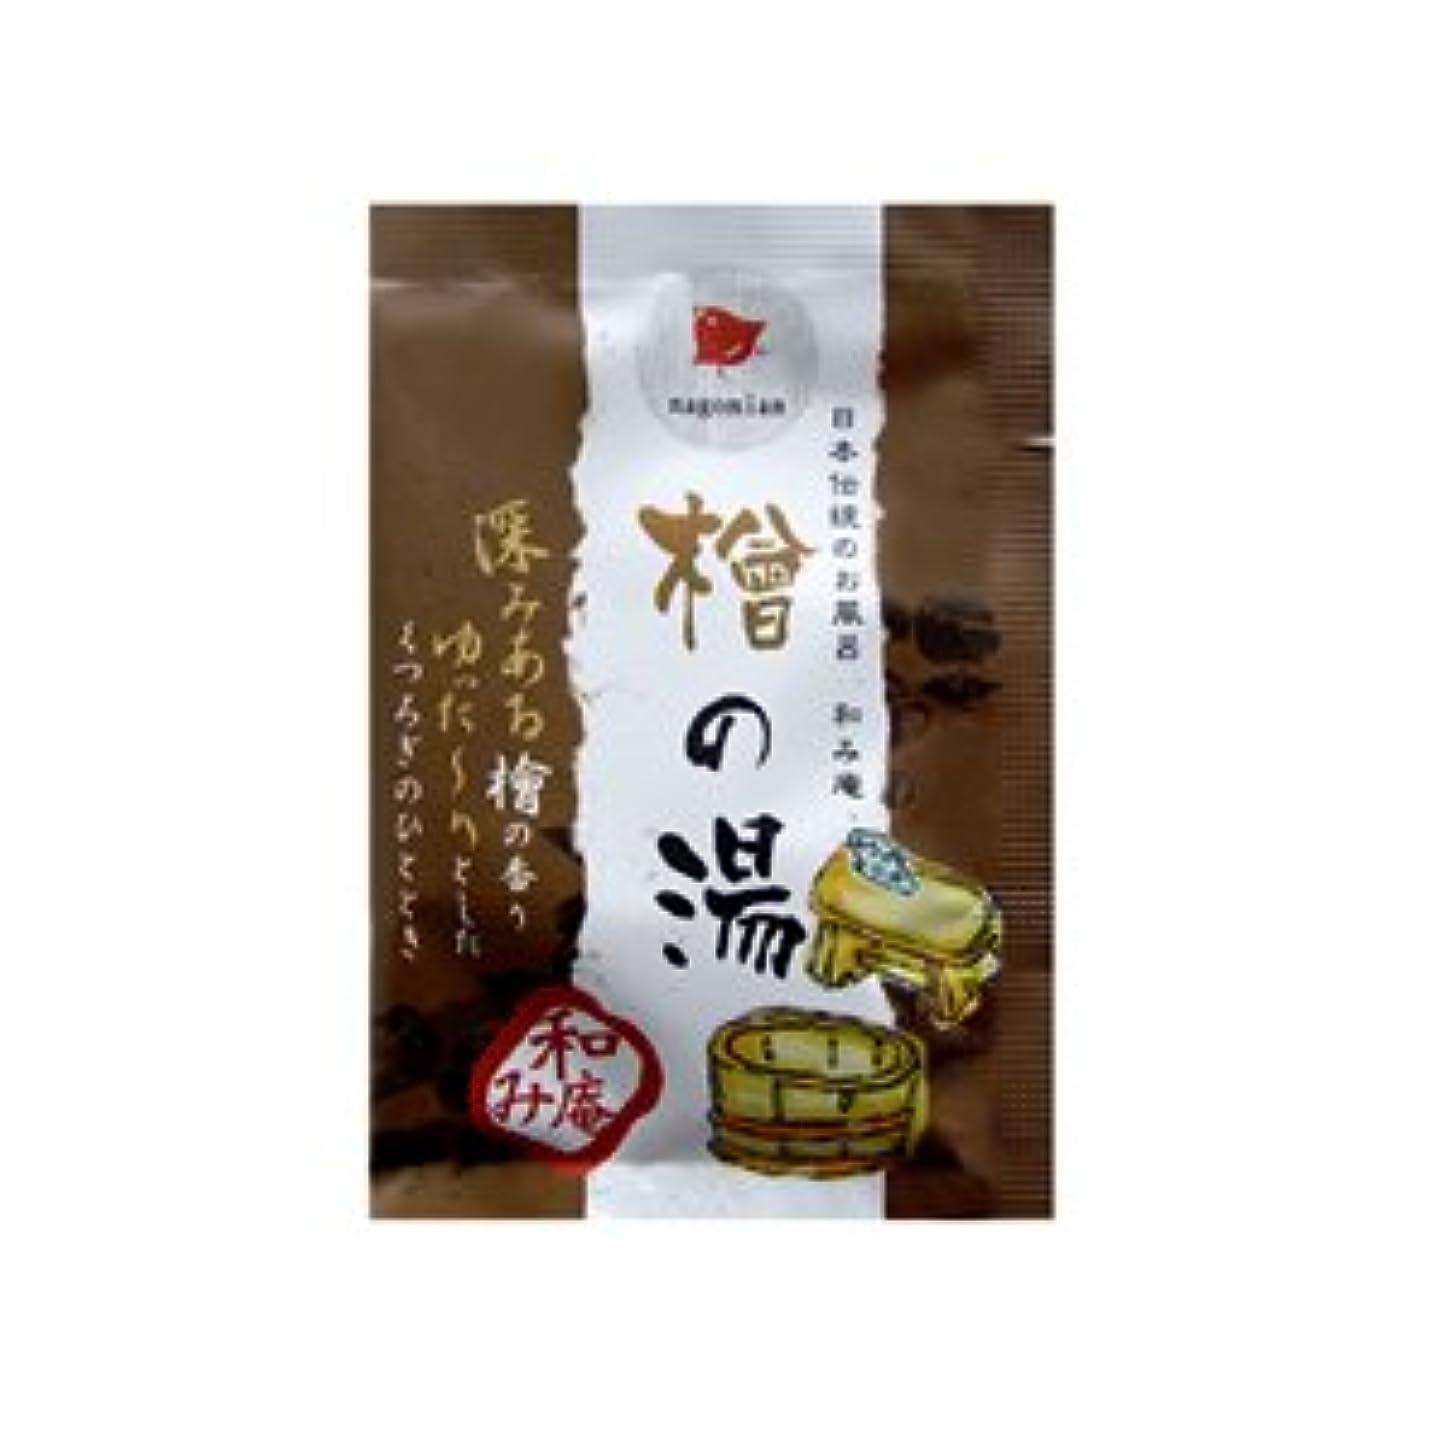 成長頂点メロドラマティック日本伝統のお風呂 和み庵 檜の湯 25g 10個セット